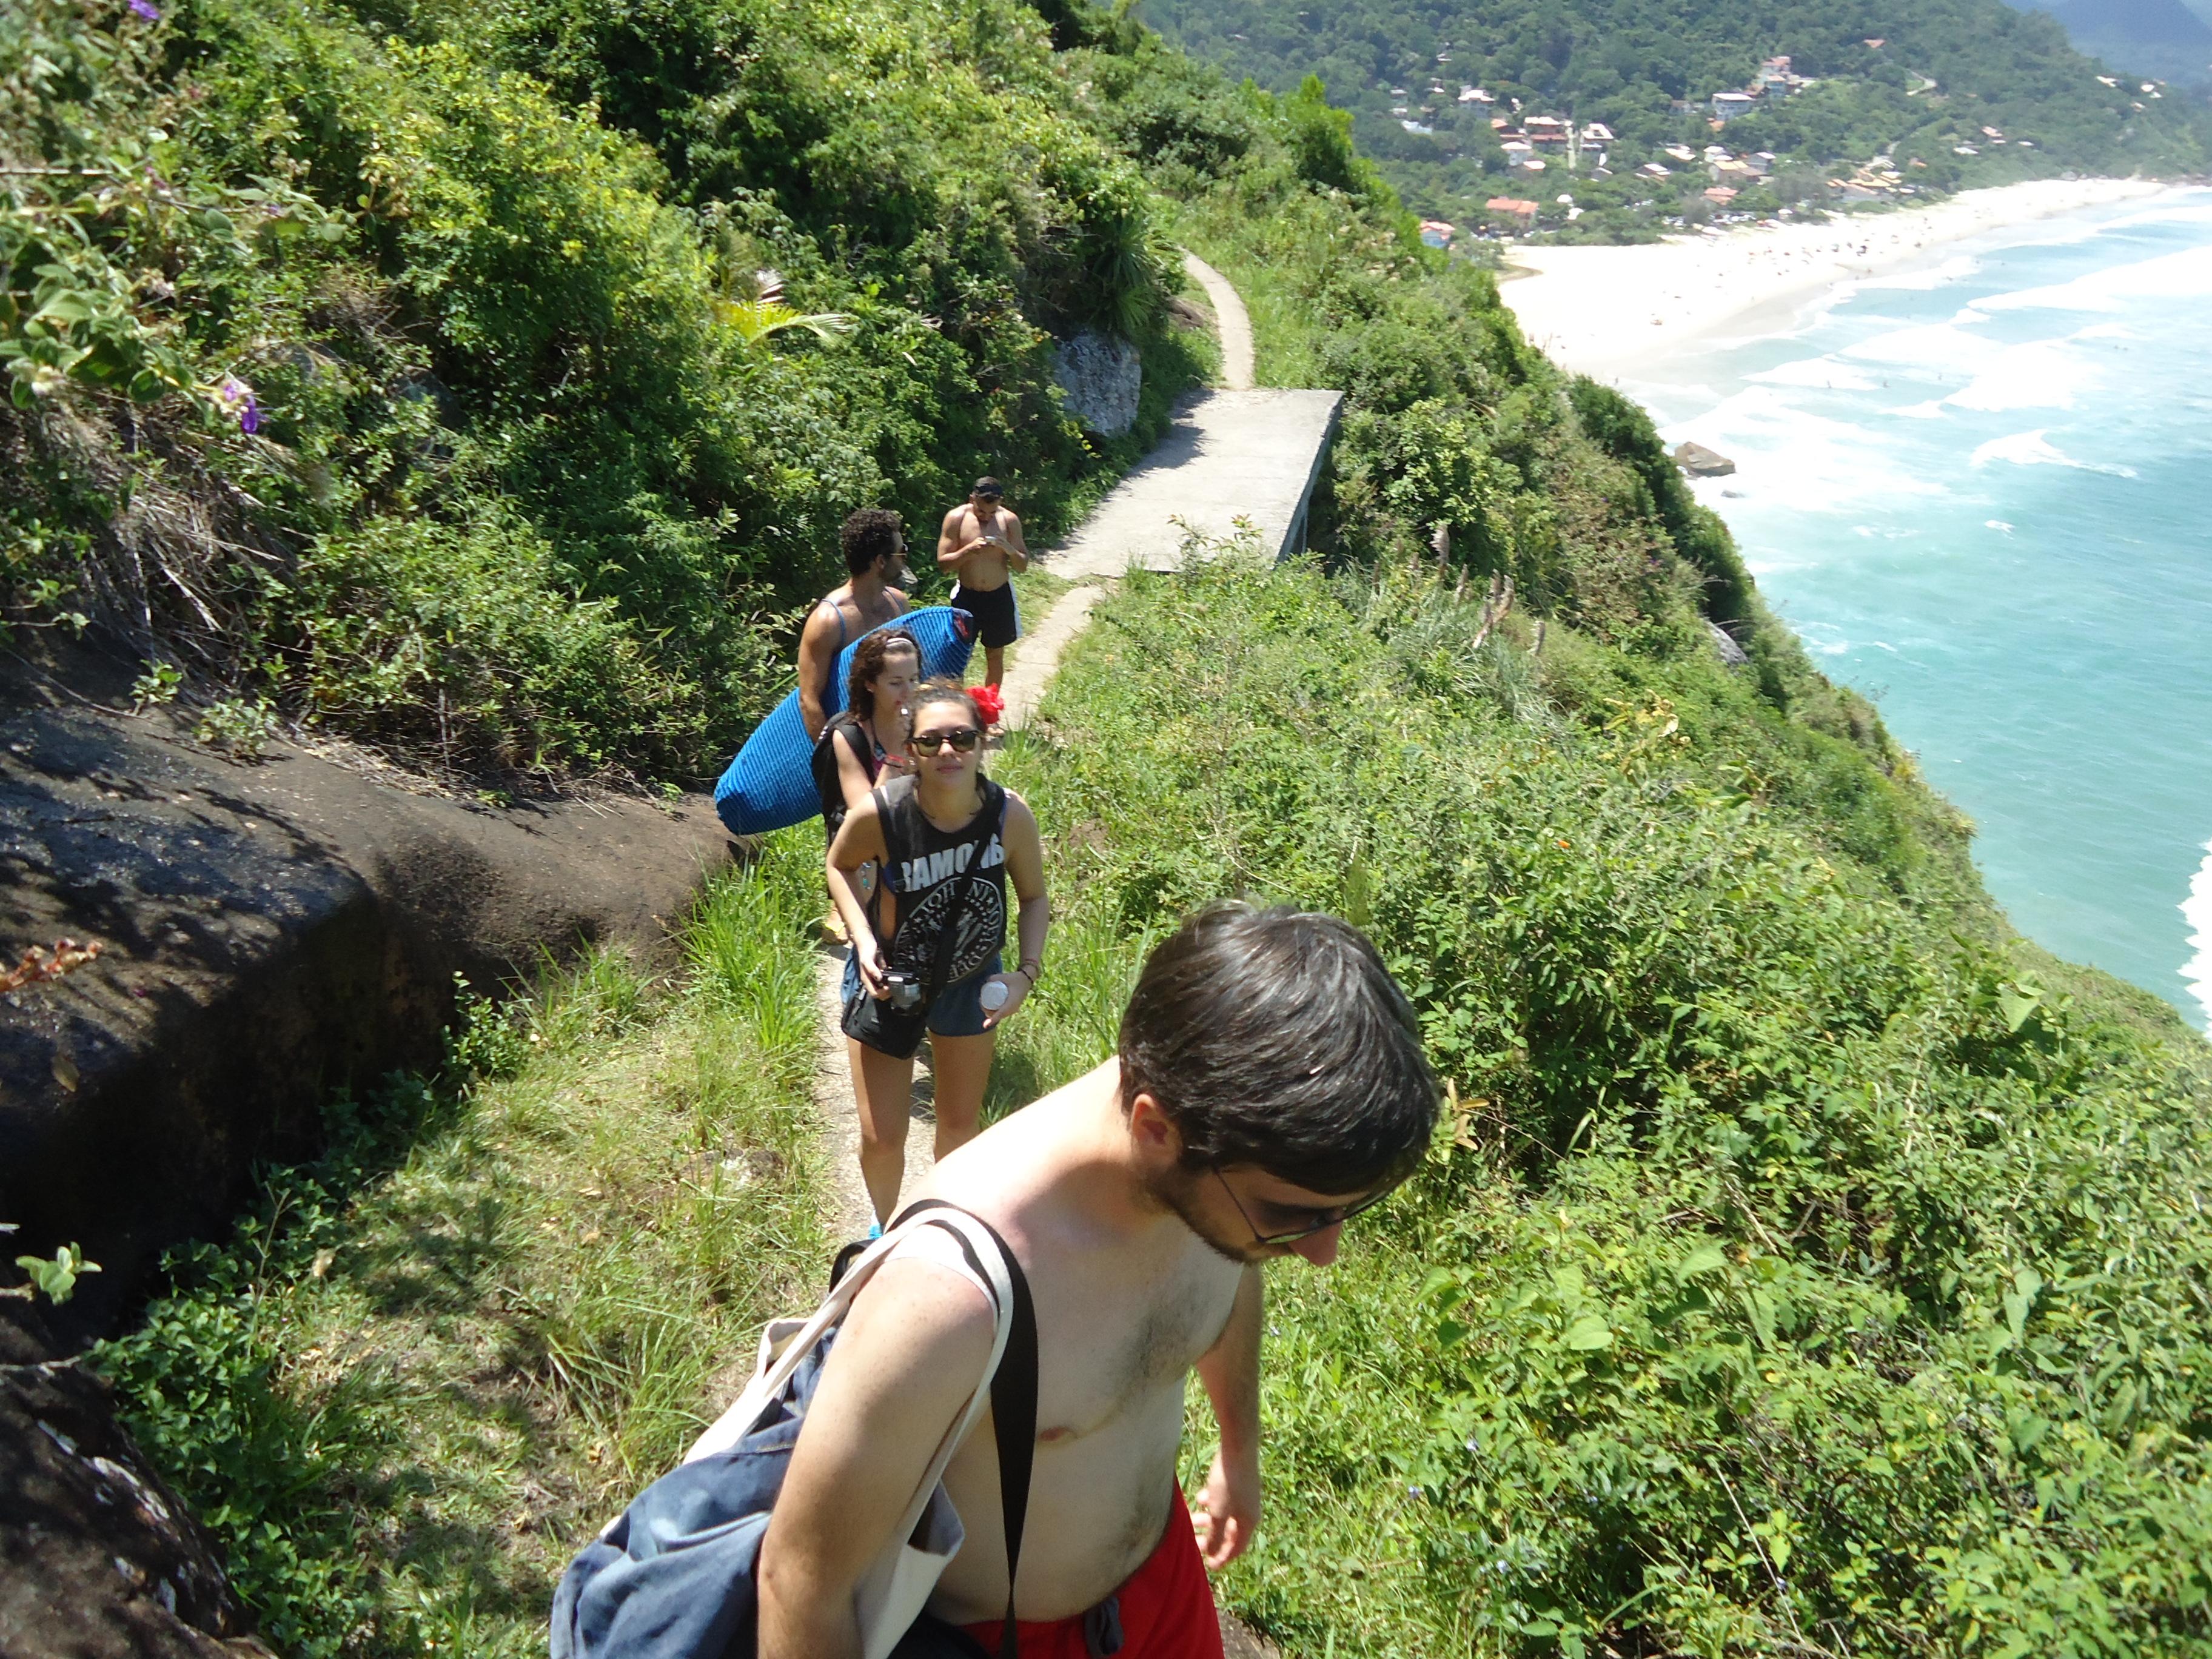 trilha com hospedes da Fraça e Brasi